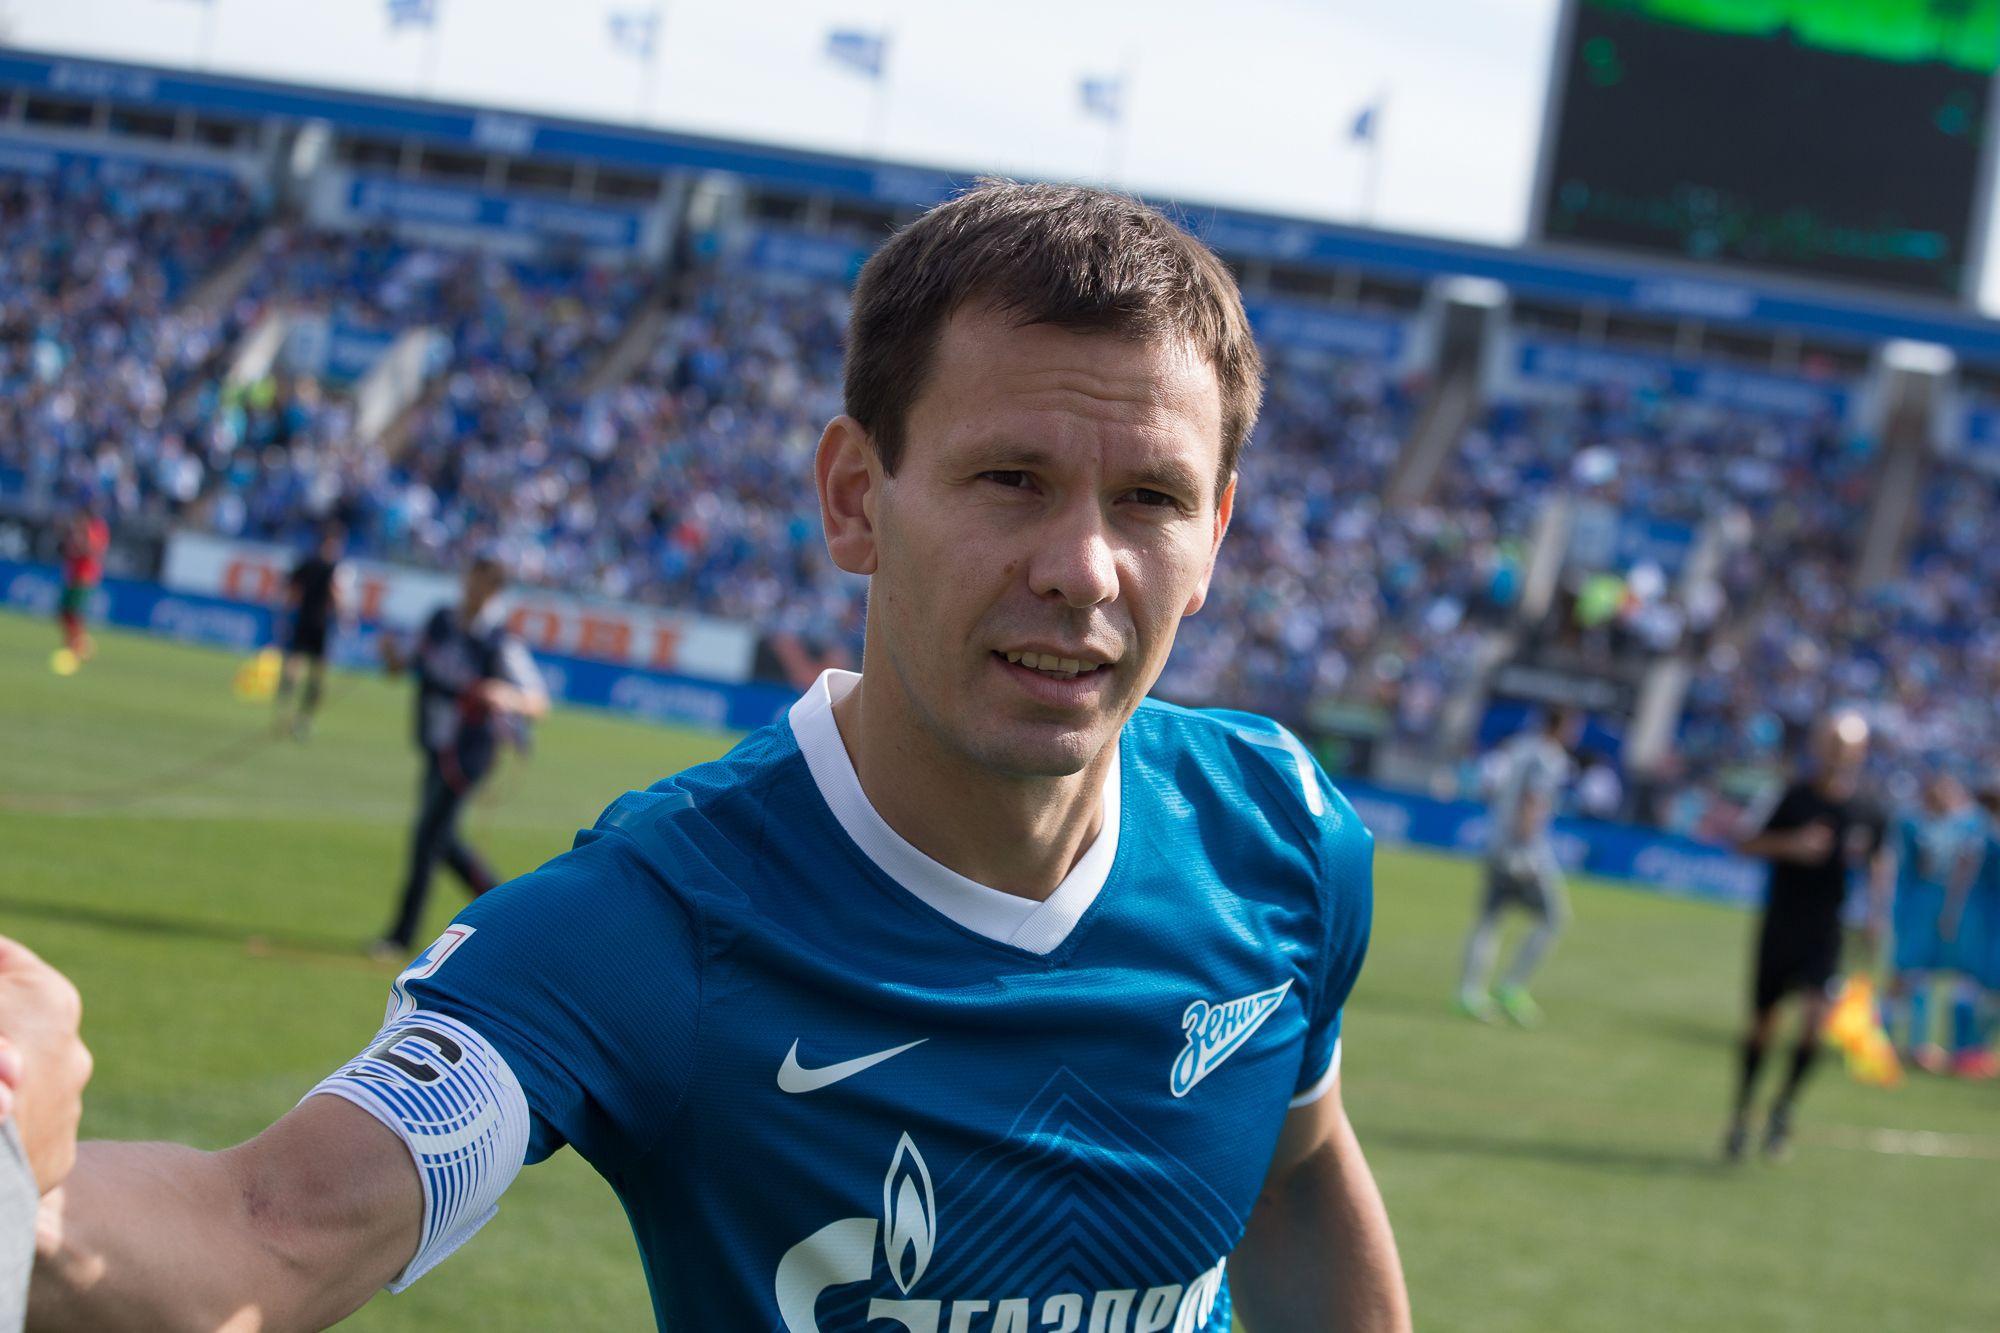 Поздравляем Константина Зырянова с юбилеем!